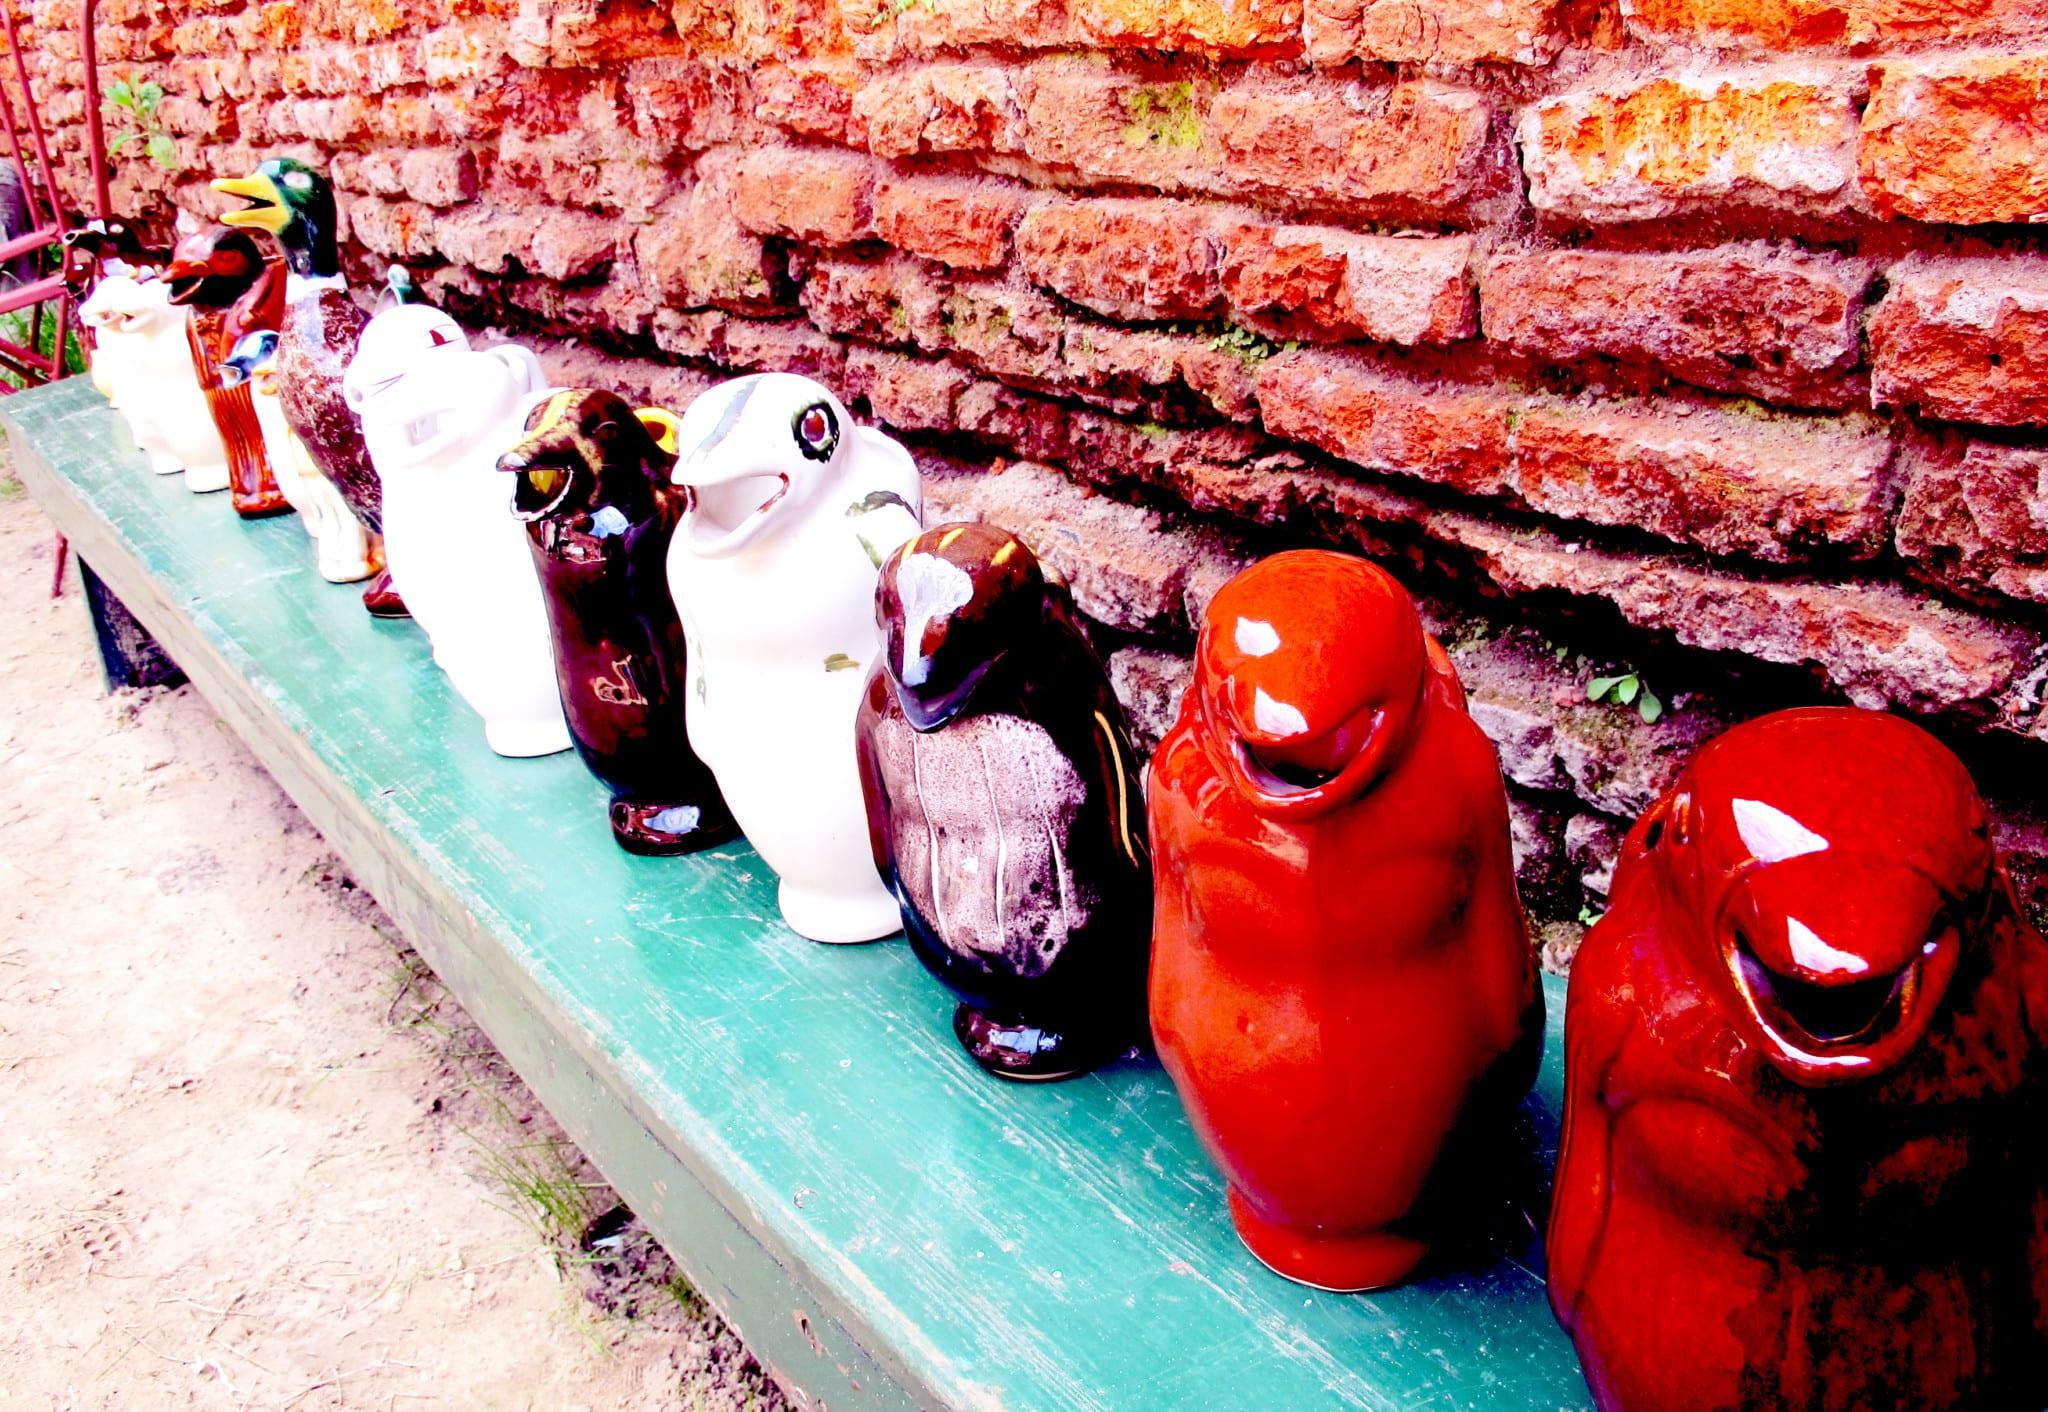 Pinguino esperando el vino suelto